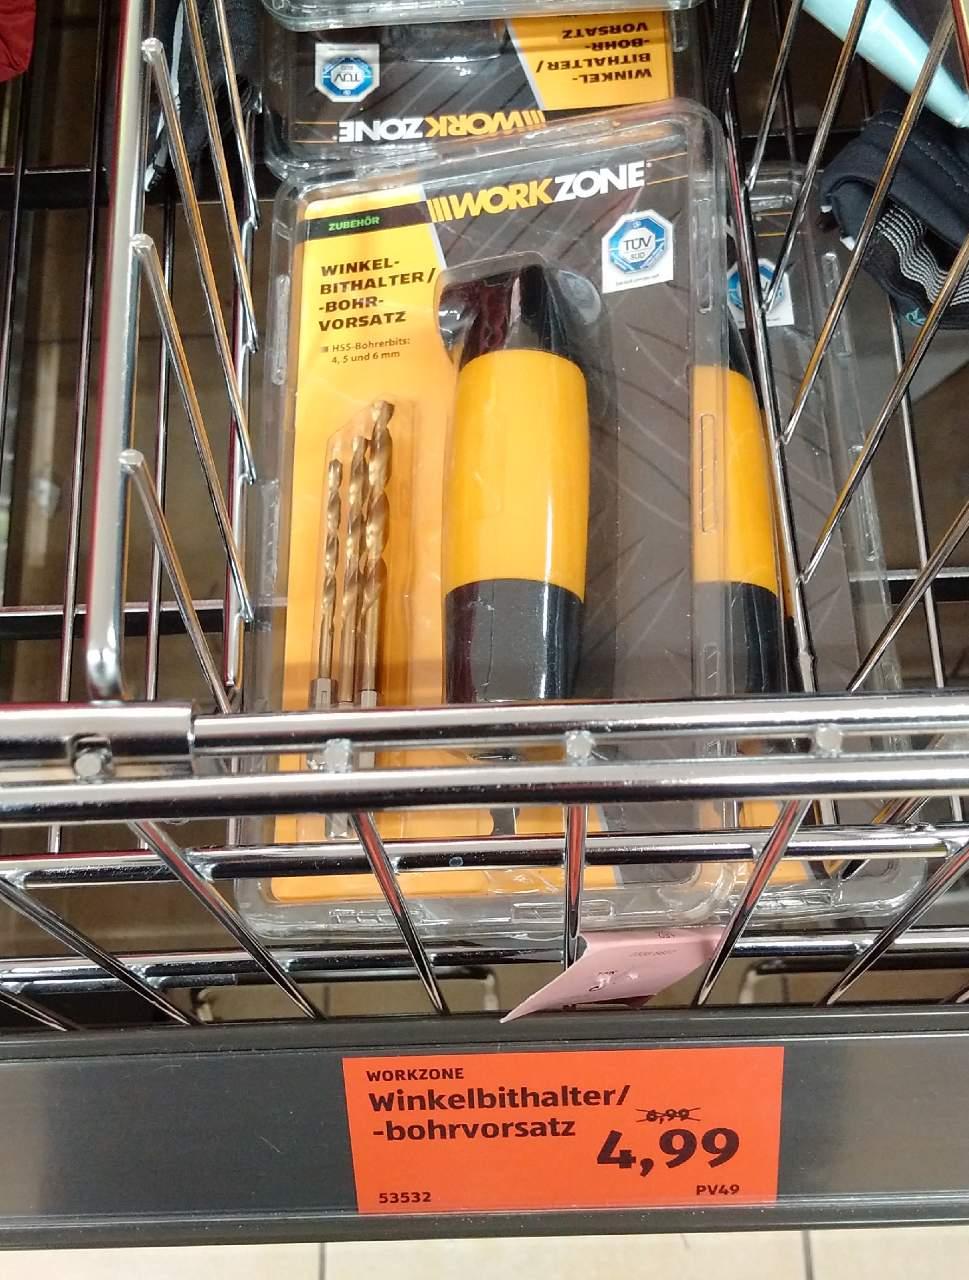 WORKZONE Winkel-Bithalter/-Bohrvorsatz